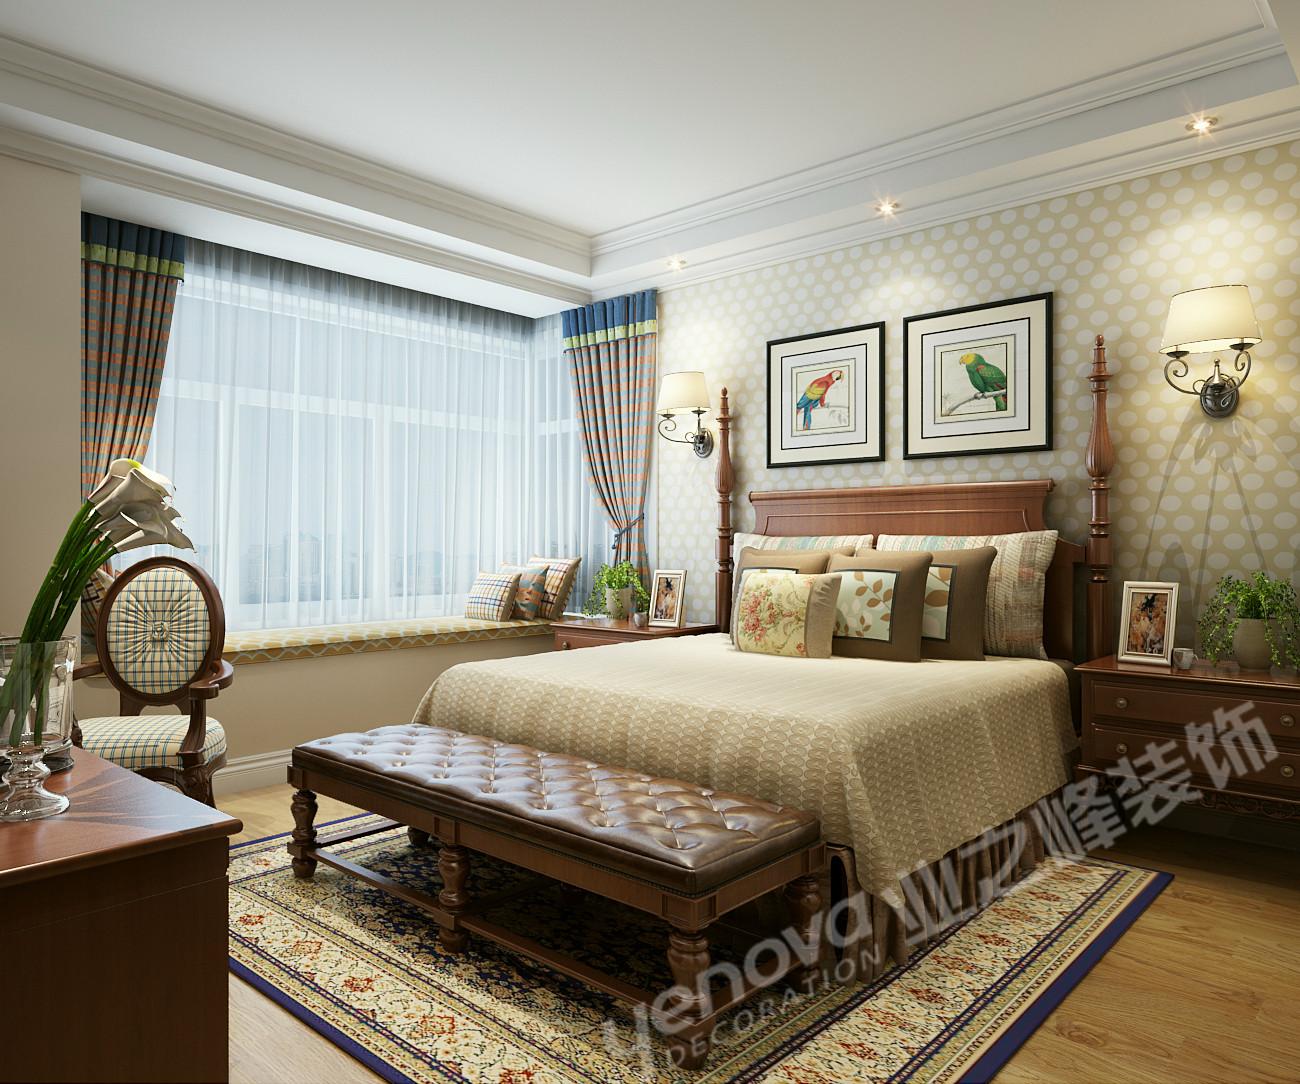 美式风格 三居 乡村美式 卧室图片来自青岛业之峰官方客服--小万在晓港名城 161平 美式风格案例的分享